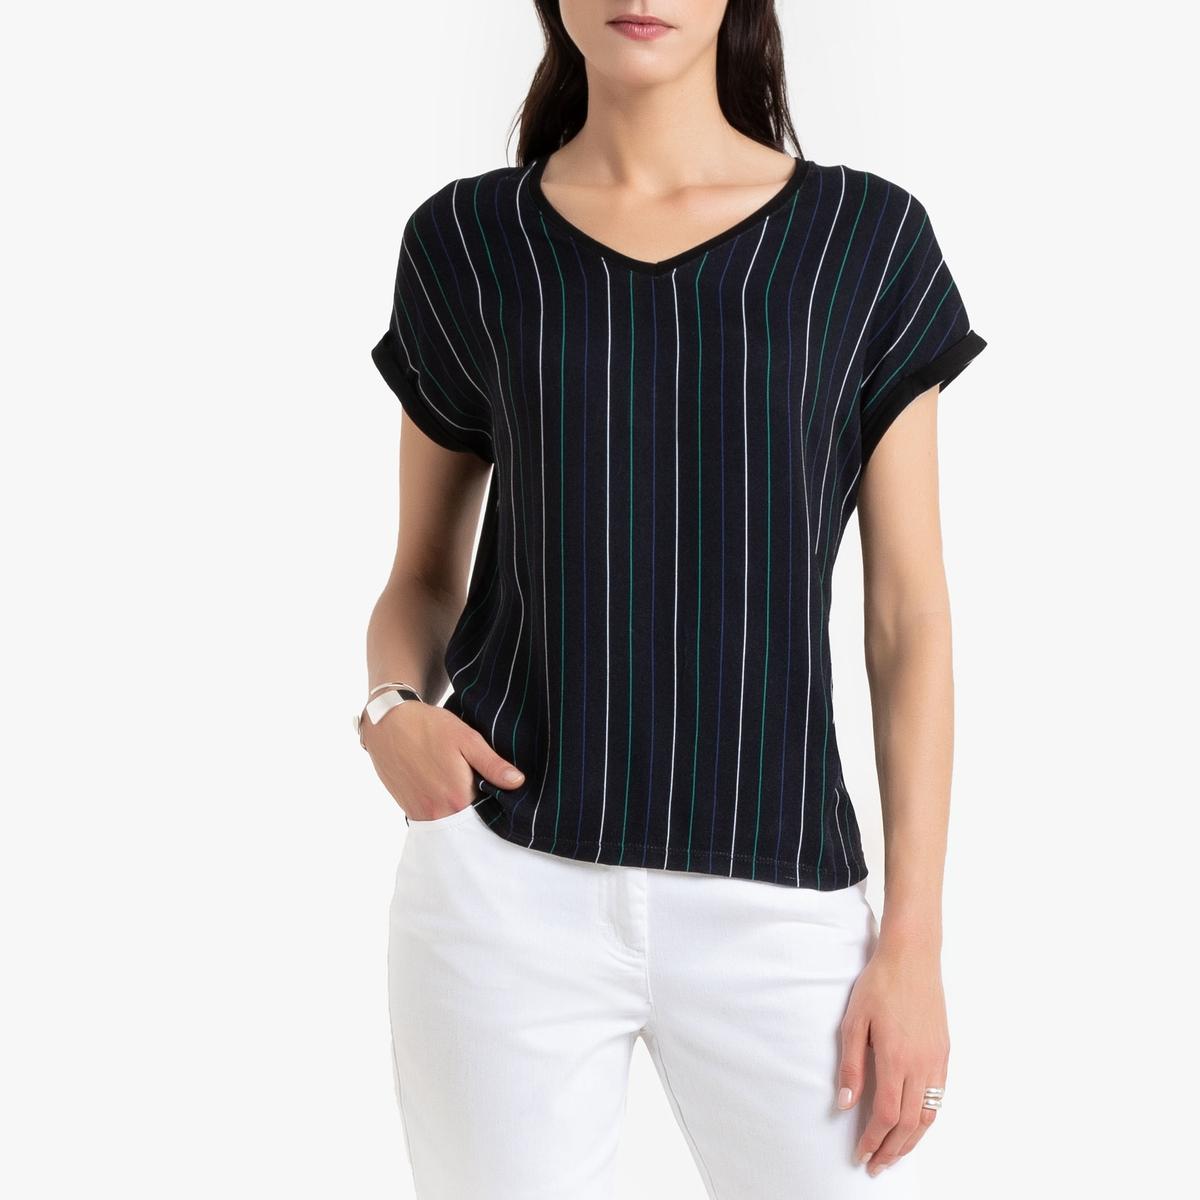 T- shirt com decote em V, bimatéria